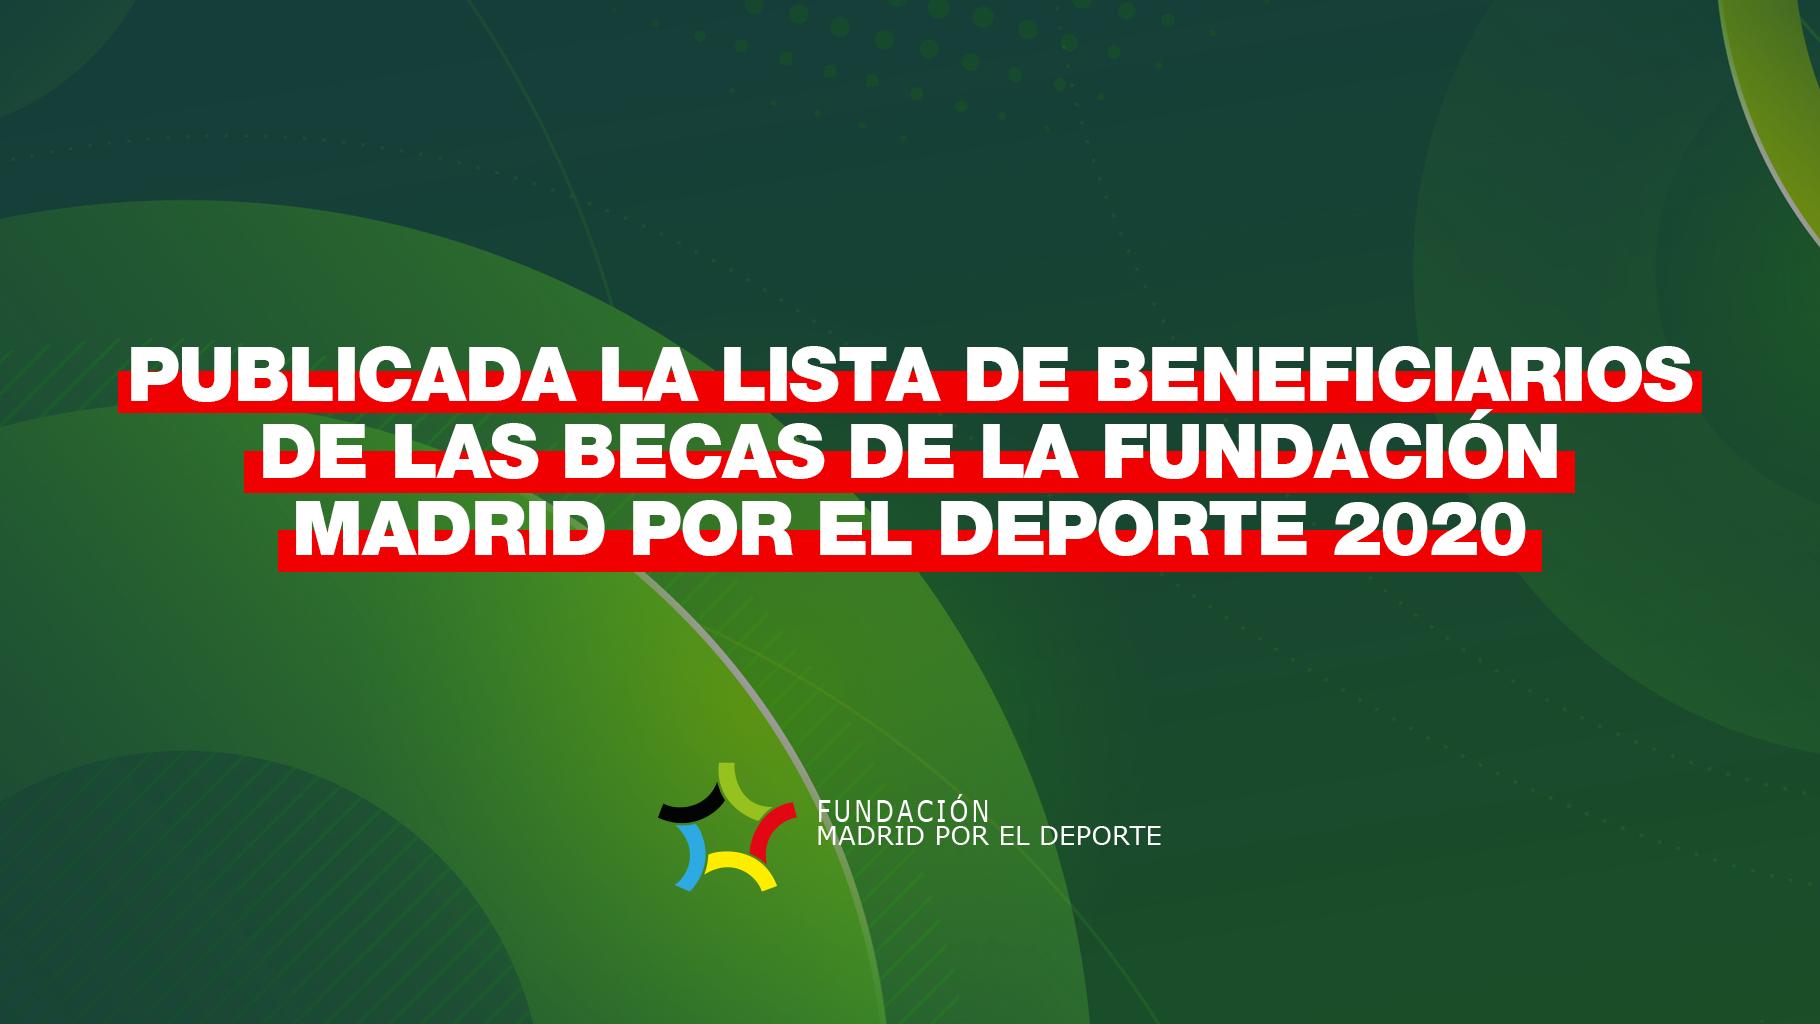 Deportistas Becados 2020 Fundación Madrid por el Deporte